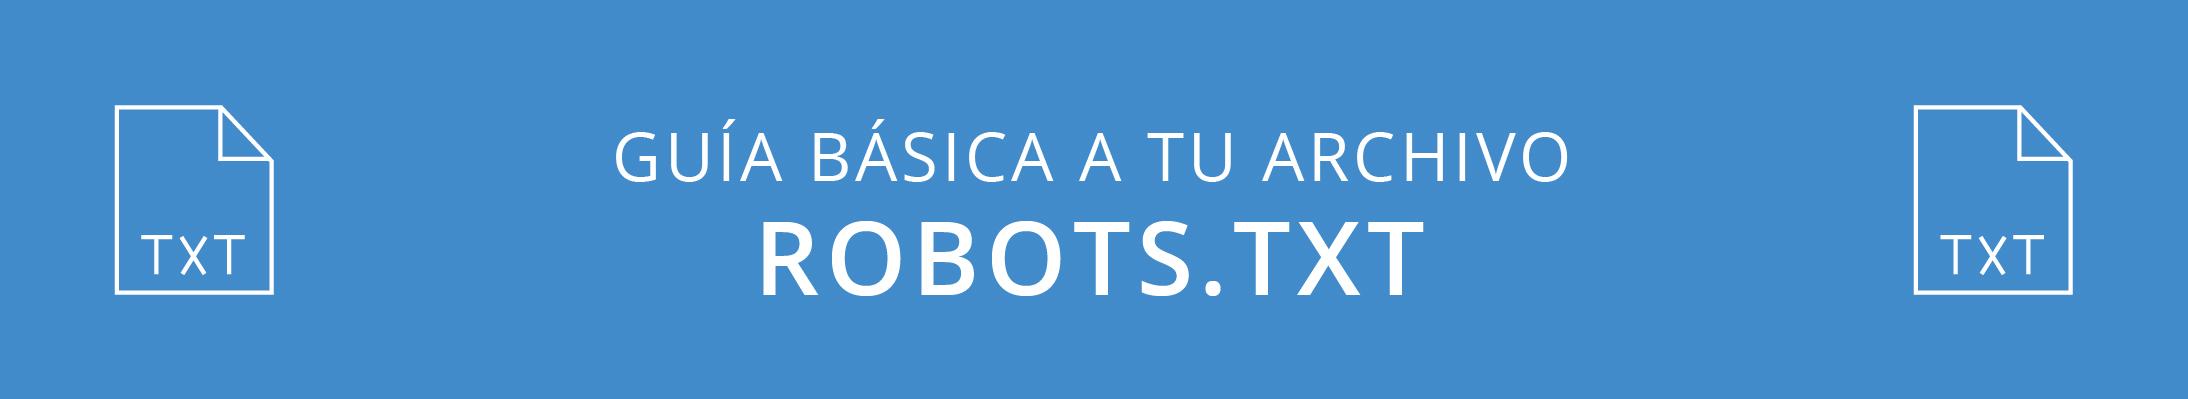 Guía básica a tu archivo Robots.txt